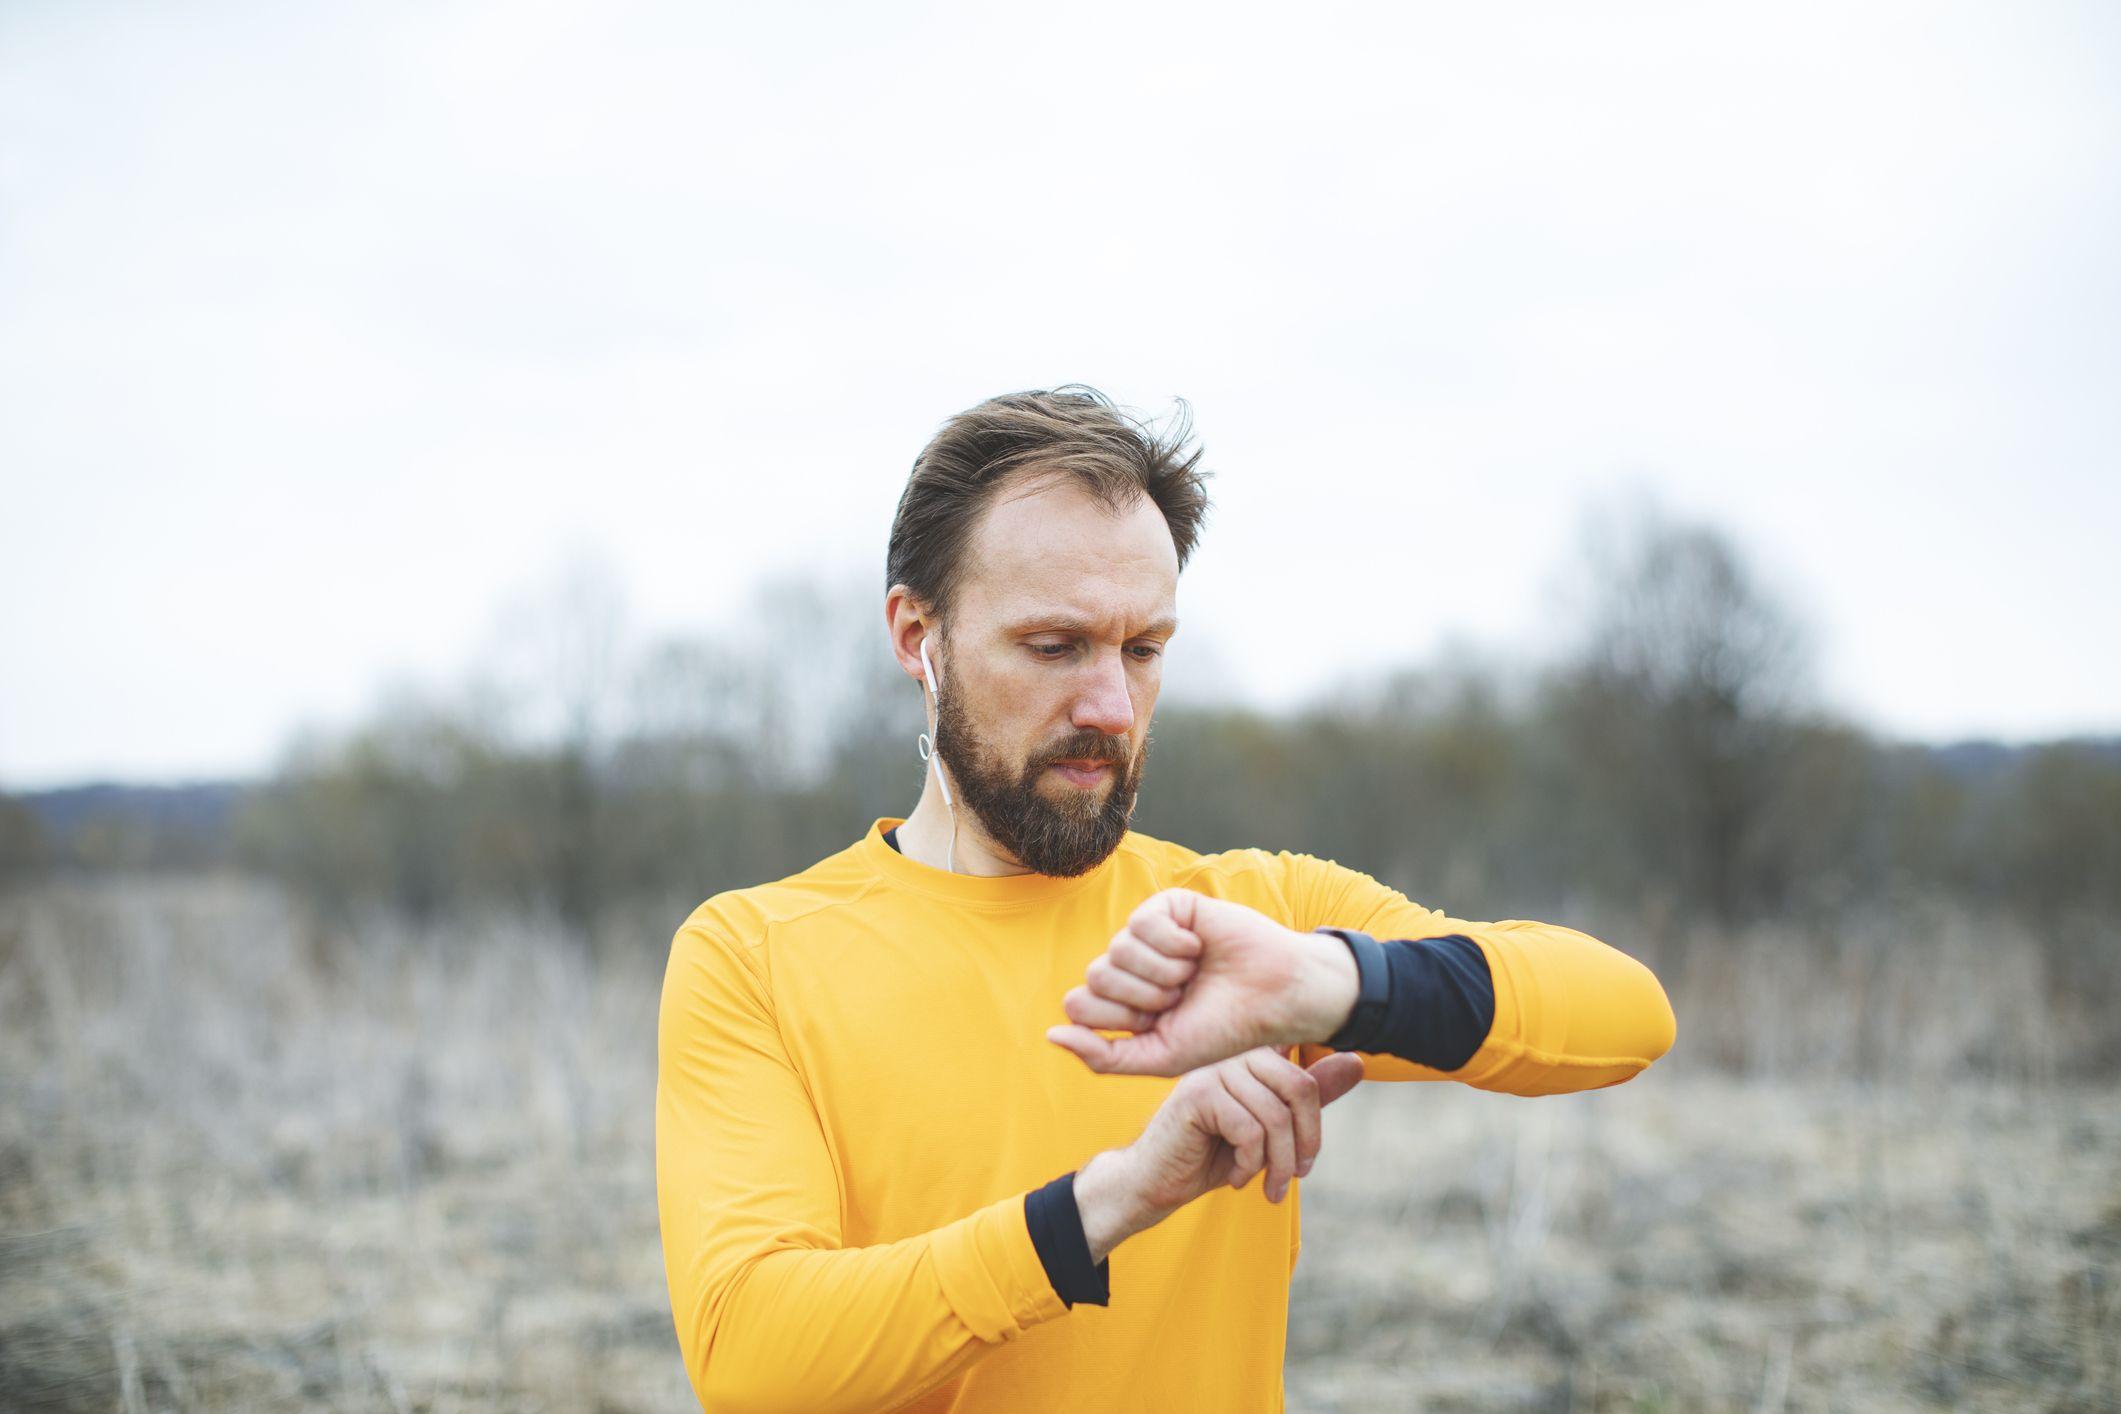 Tratamiento Preferencial Viaje huella  Ritmo cardiaco en la primera carrera - Guía para nuevos runners